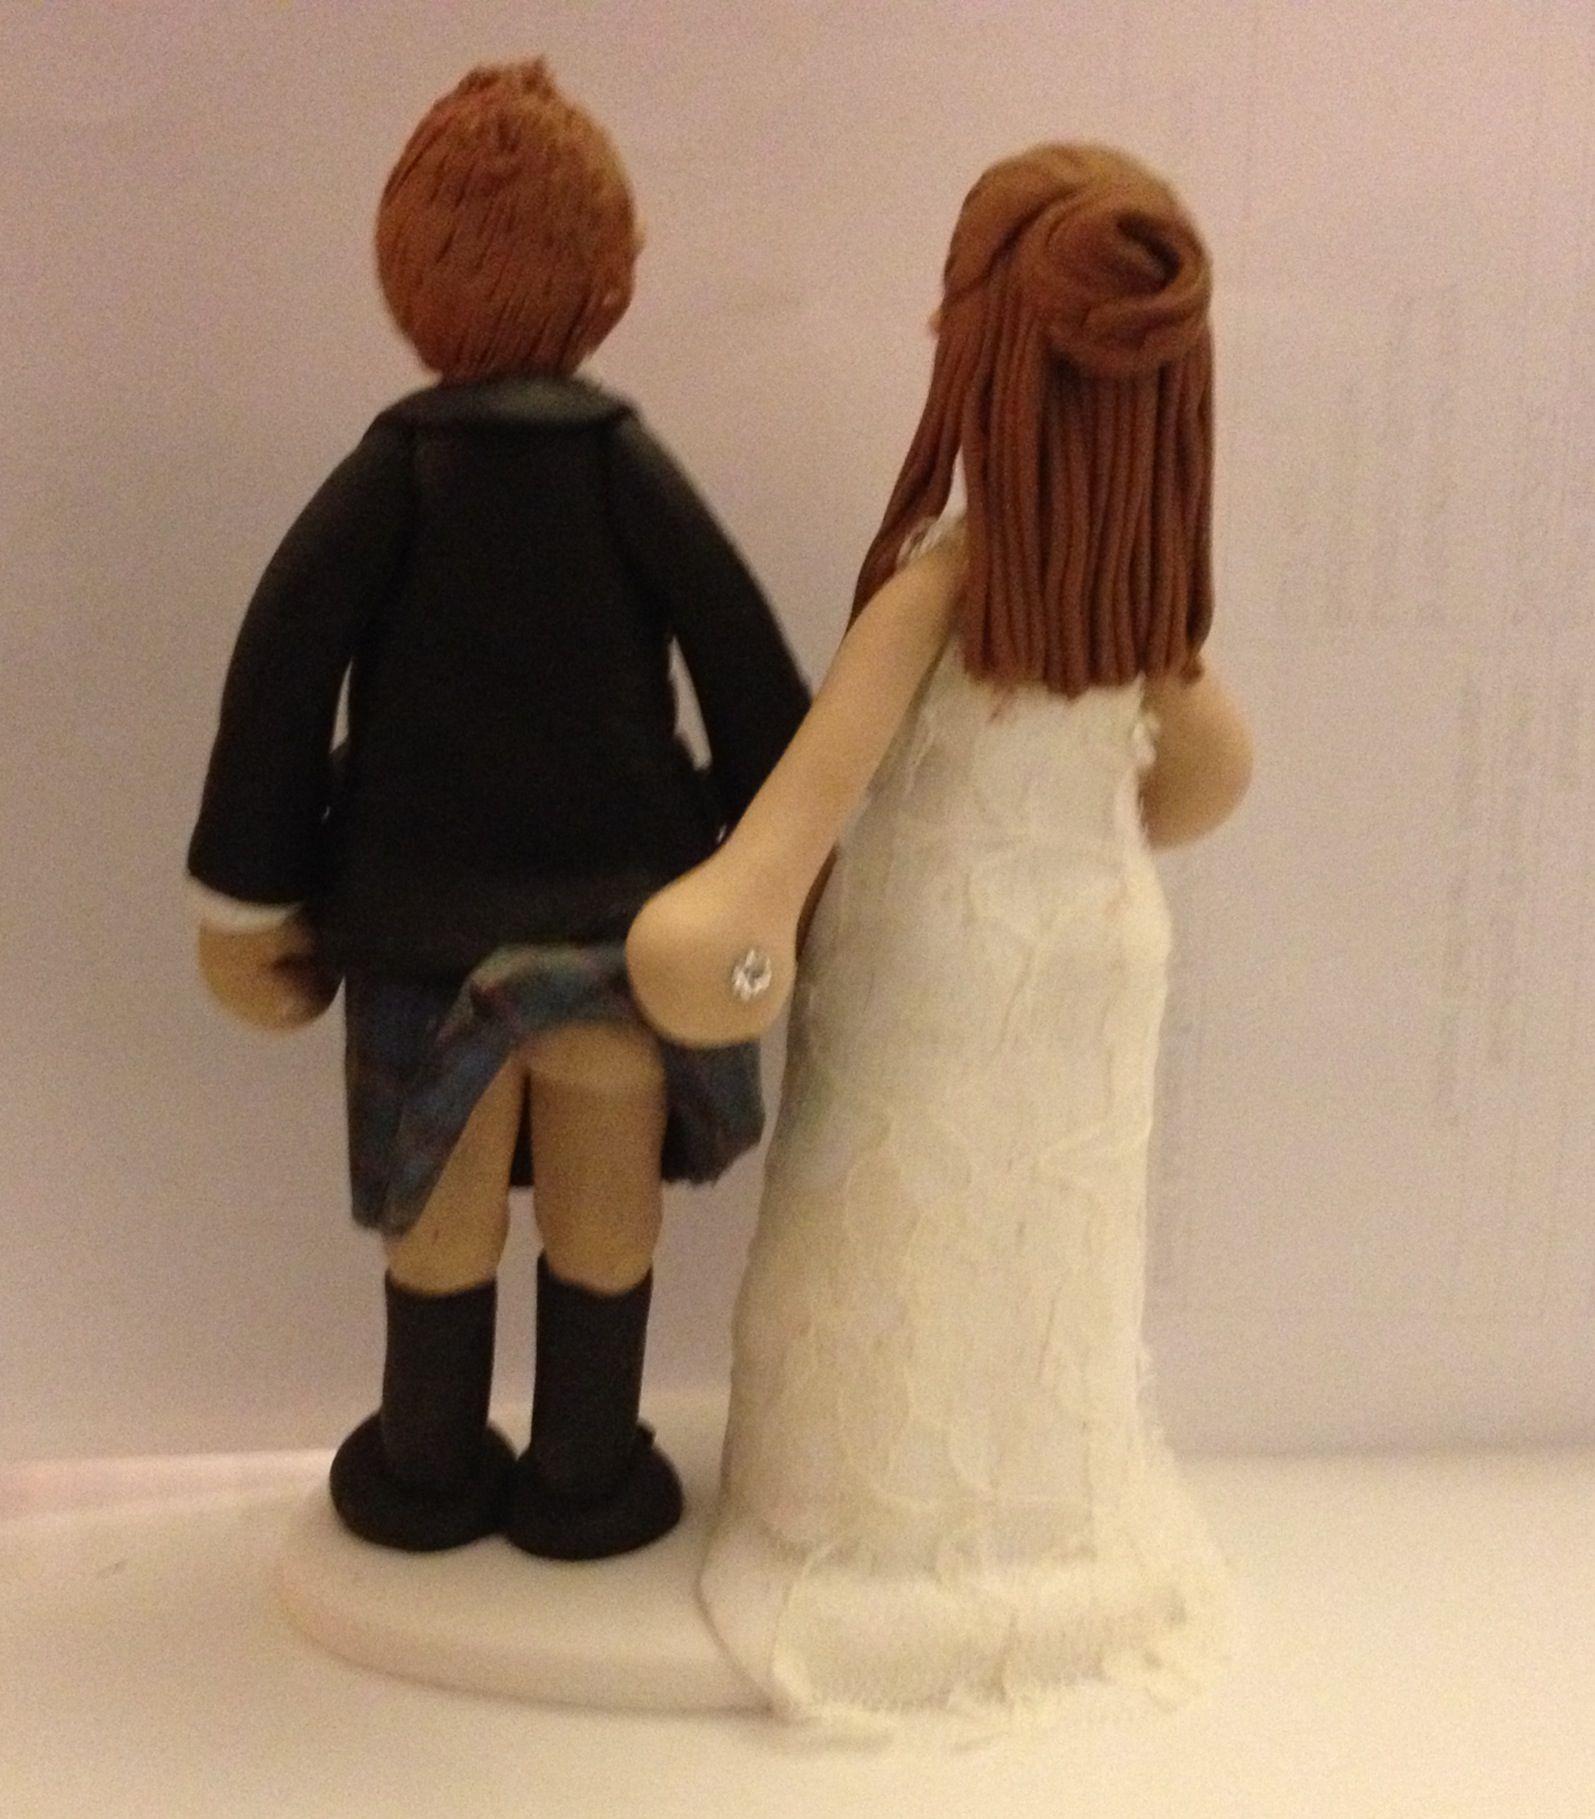 Wedding Cake Toppers Scottish Kilt